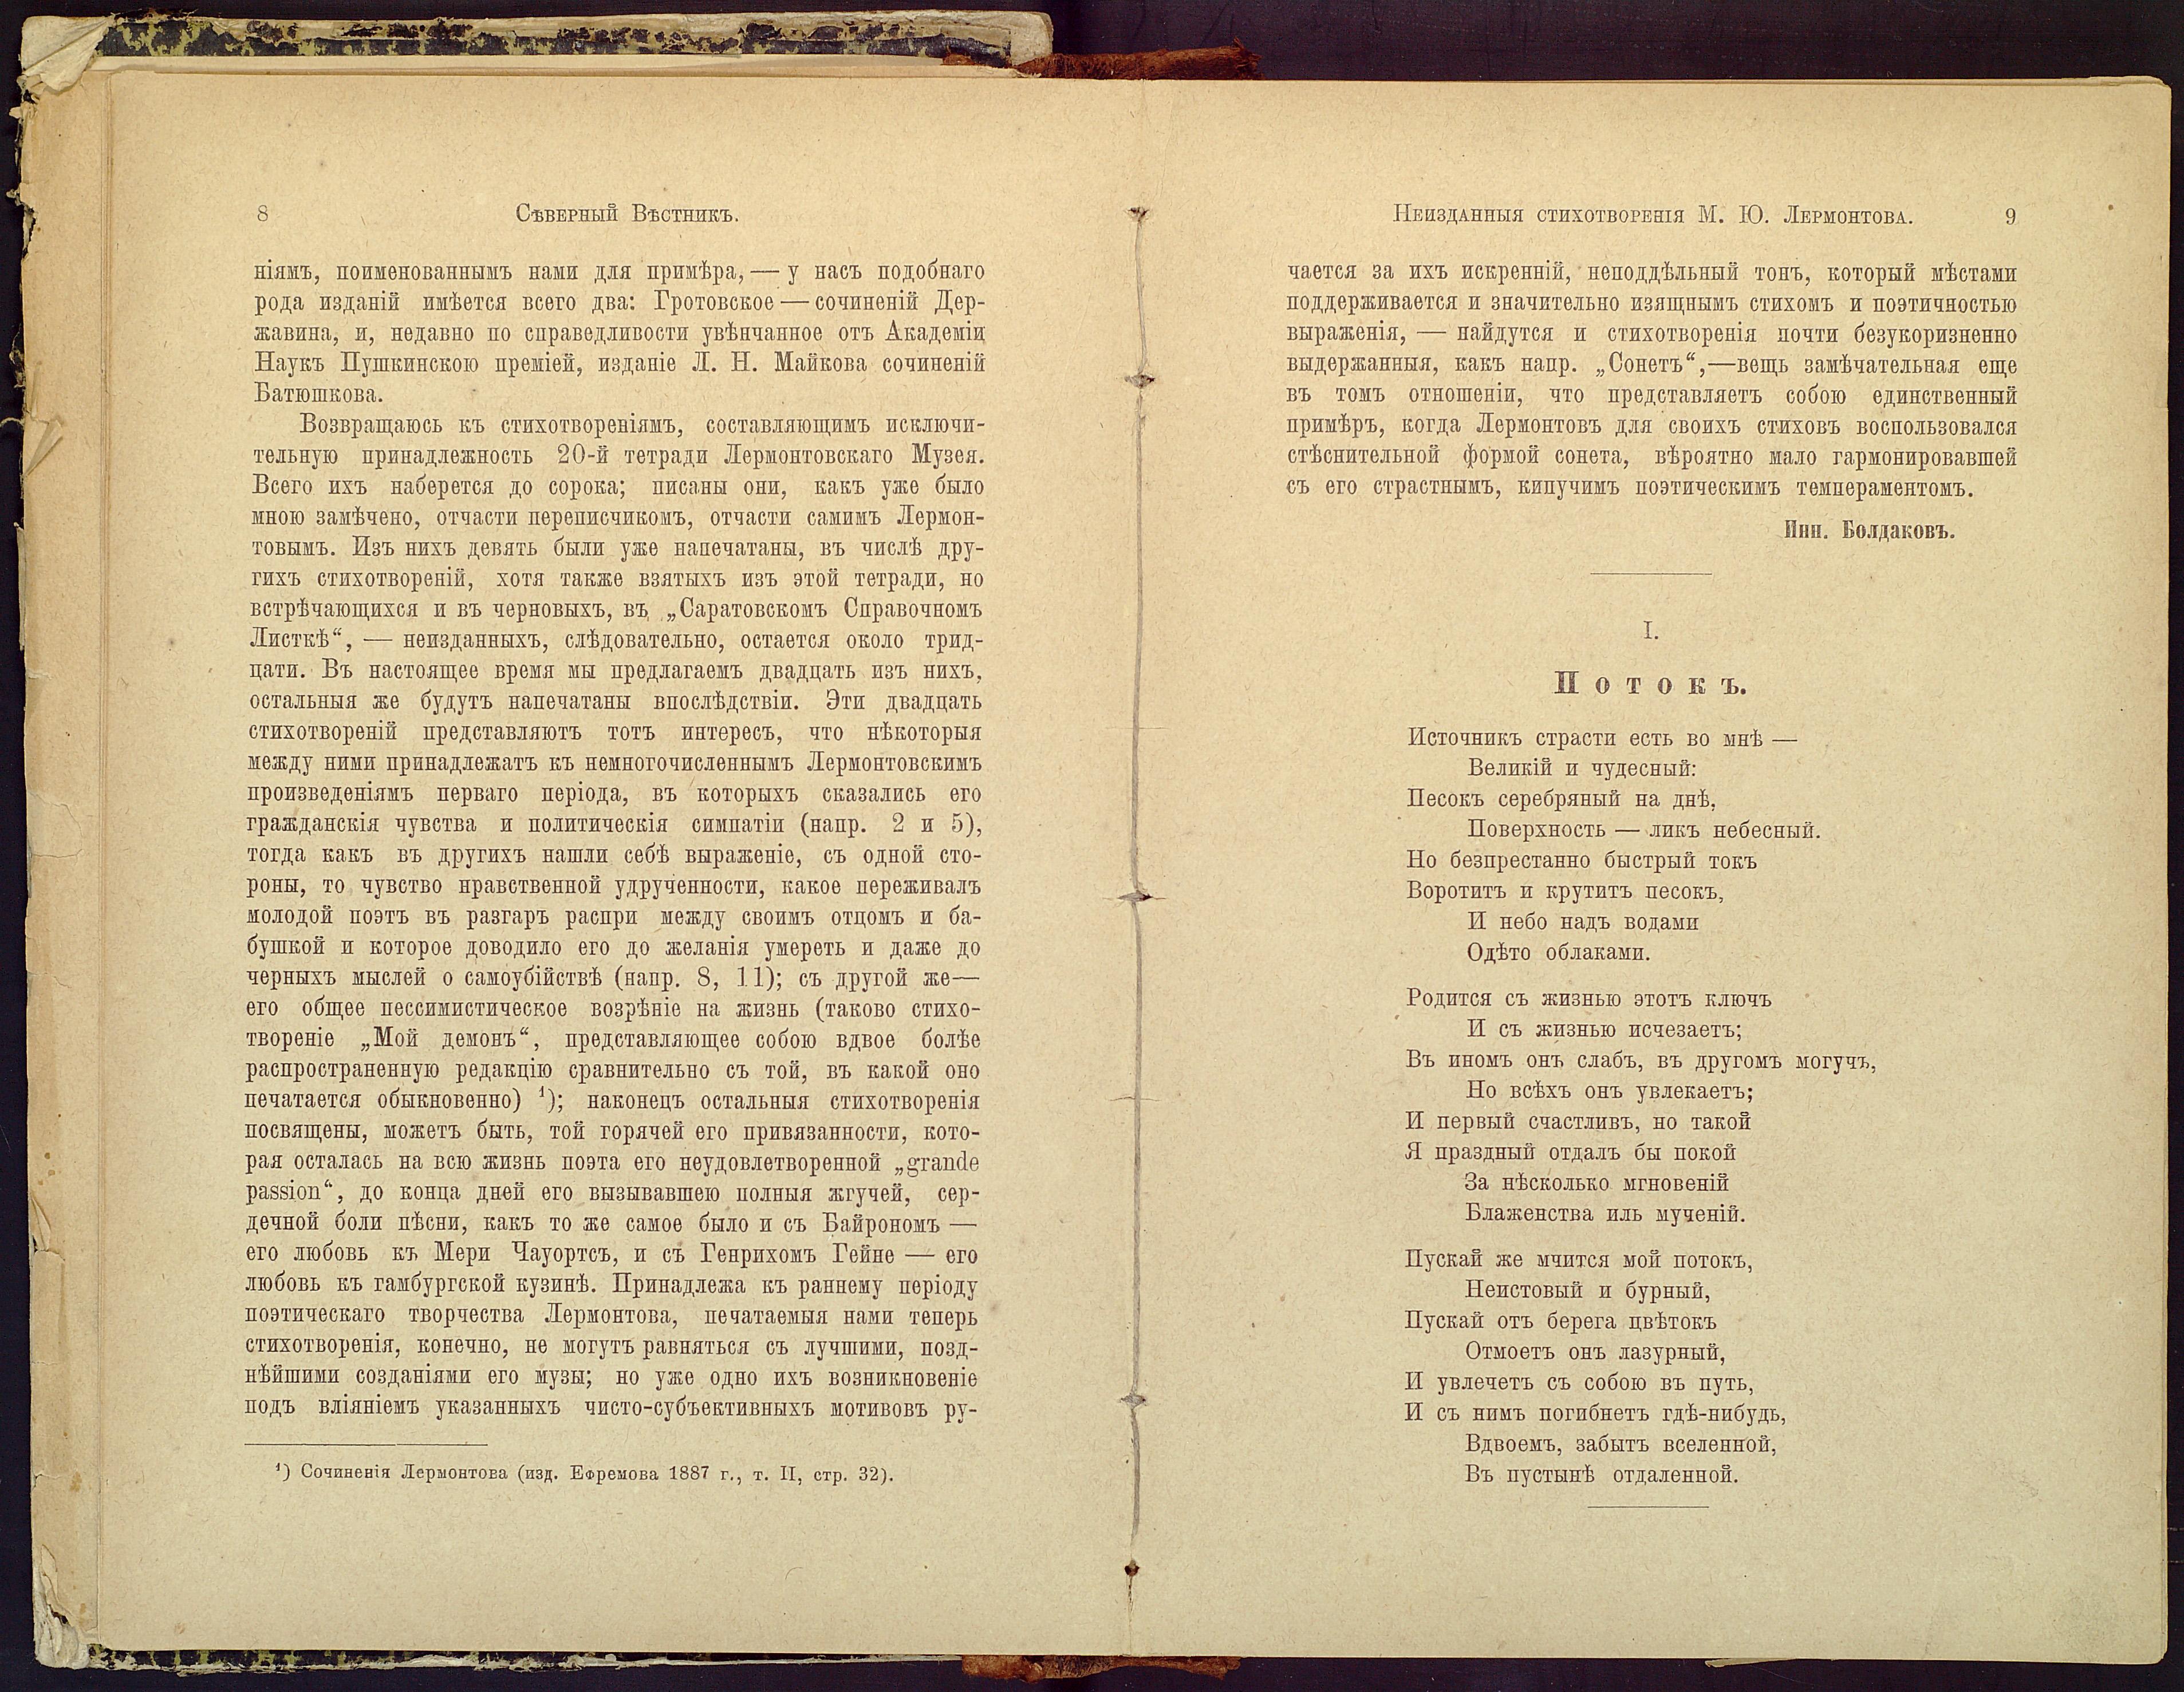 ЛОК-6642 ТАРХАНЫ КП-12882  Журнал Северный вестник. № 1. Январь._3